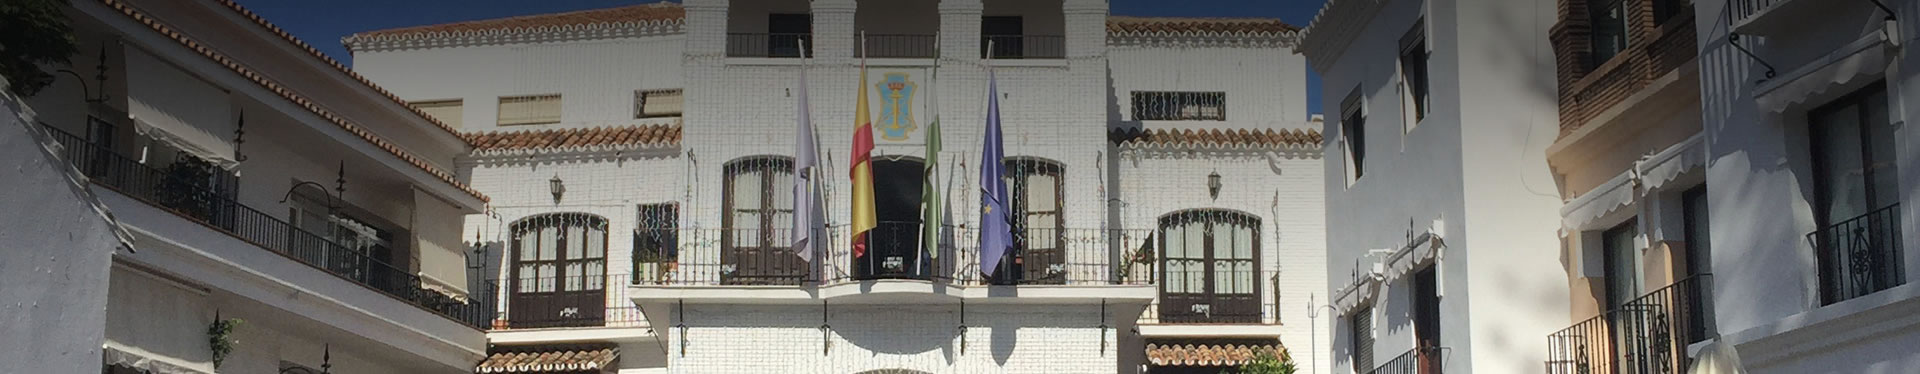 Ayuntamiento de nerja conoce los tel fonos de inter s for Oficina de turismo nerja